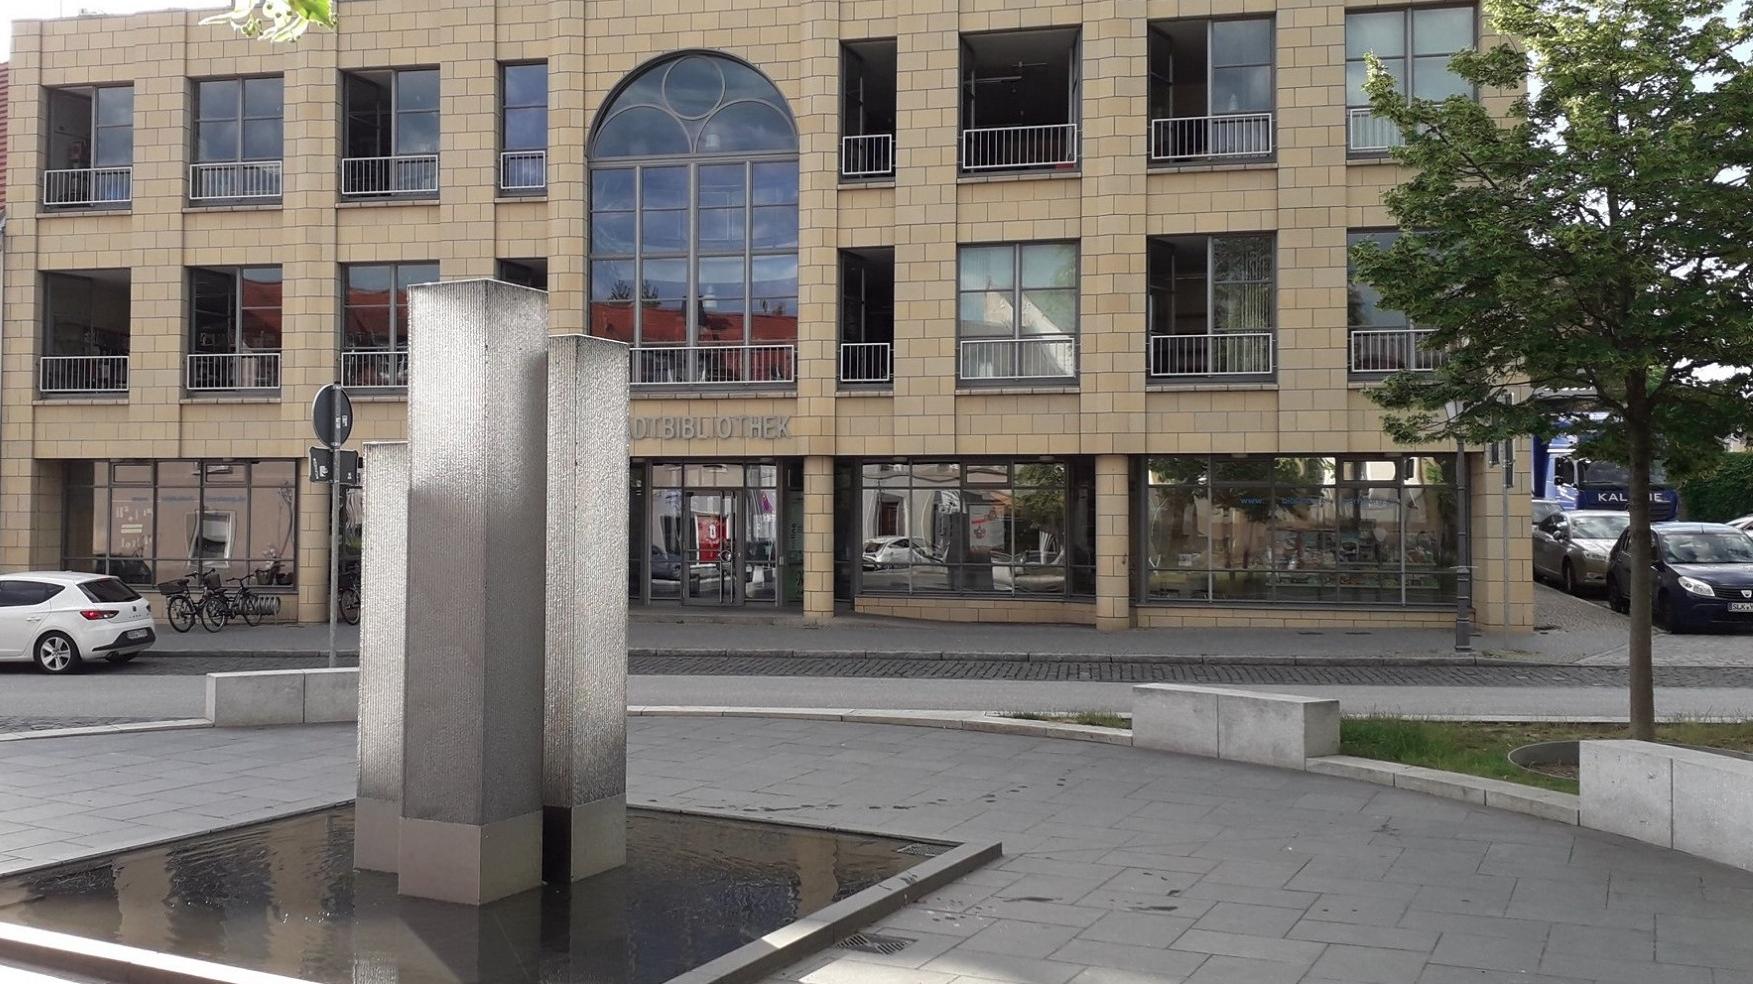 Stadtbibliothek Bernburg (Saale) wieder geöffnet